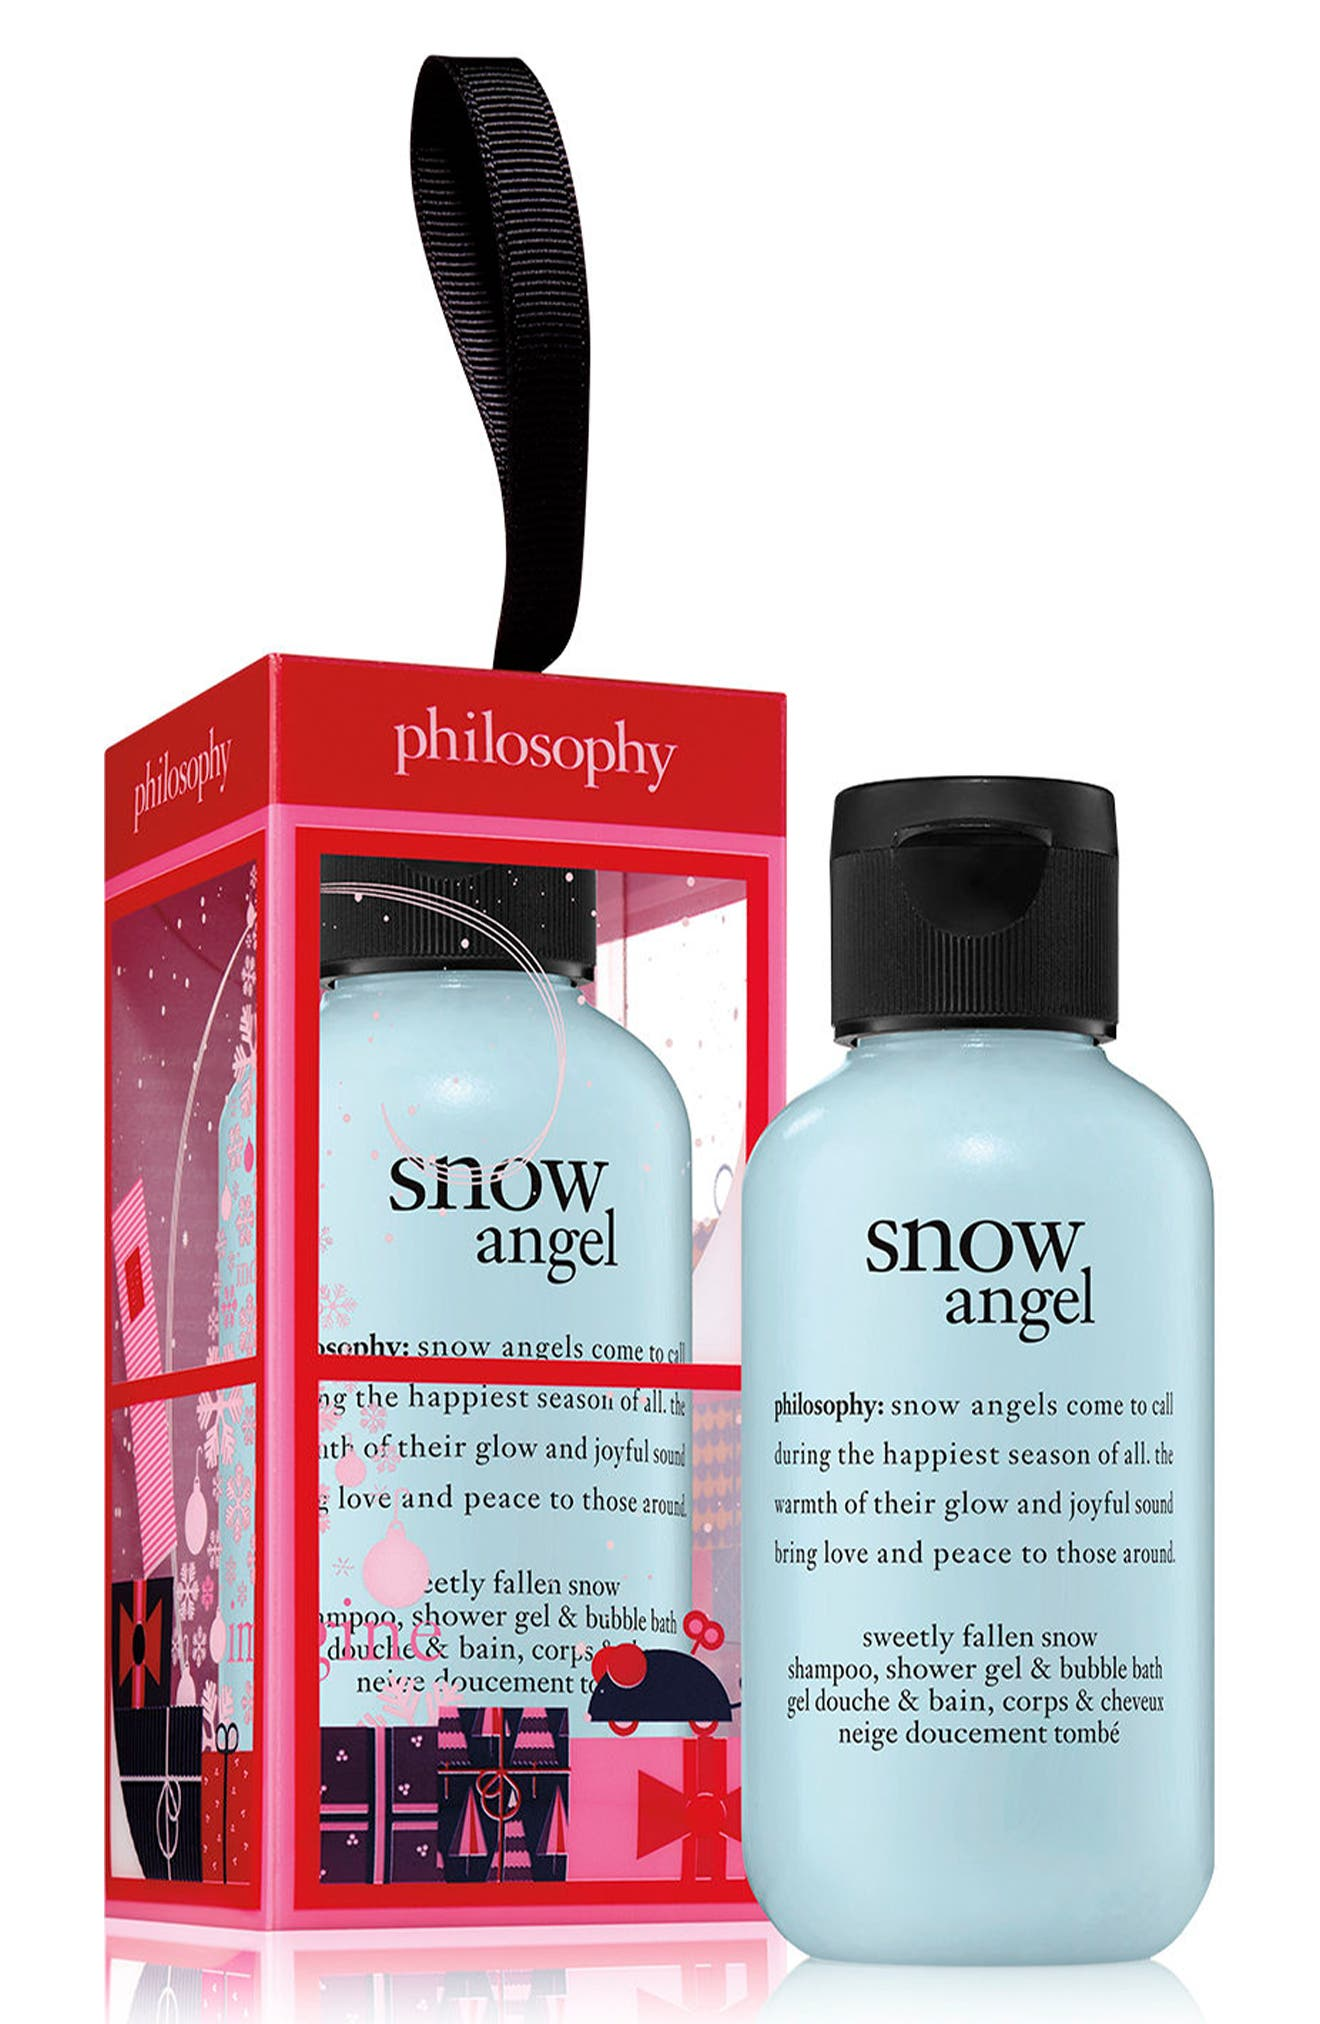 snow angel shampoo, shower gel & bubble bath ornament,                             Alternate thumbnail 2, color,                             000